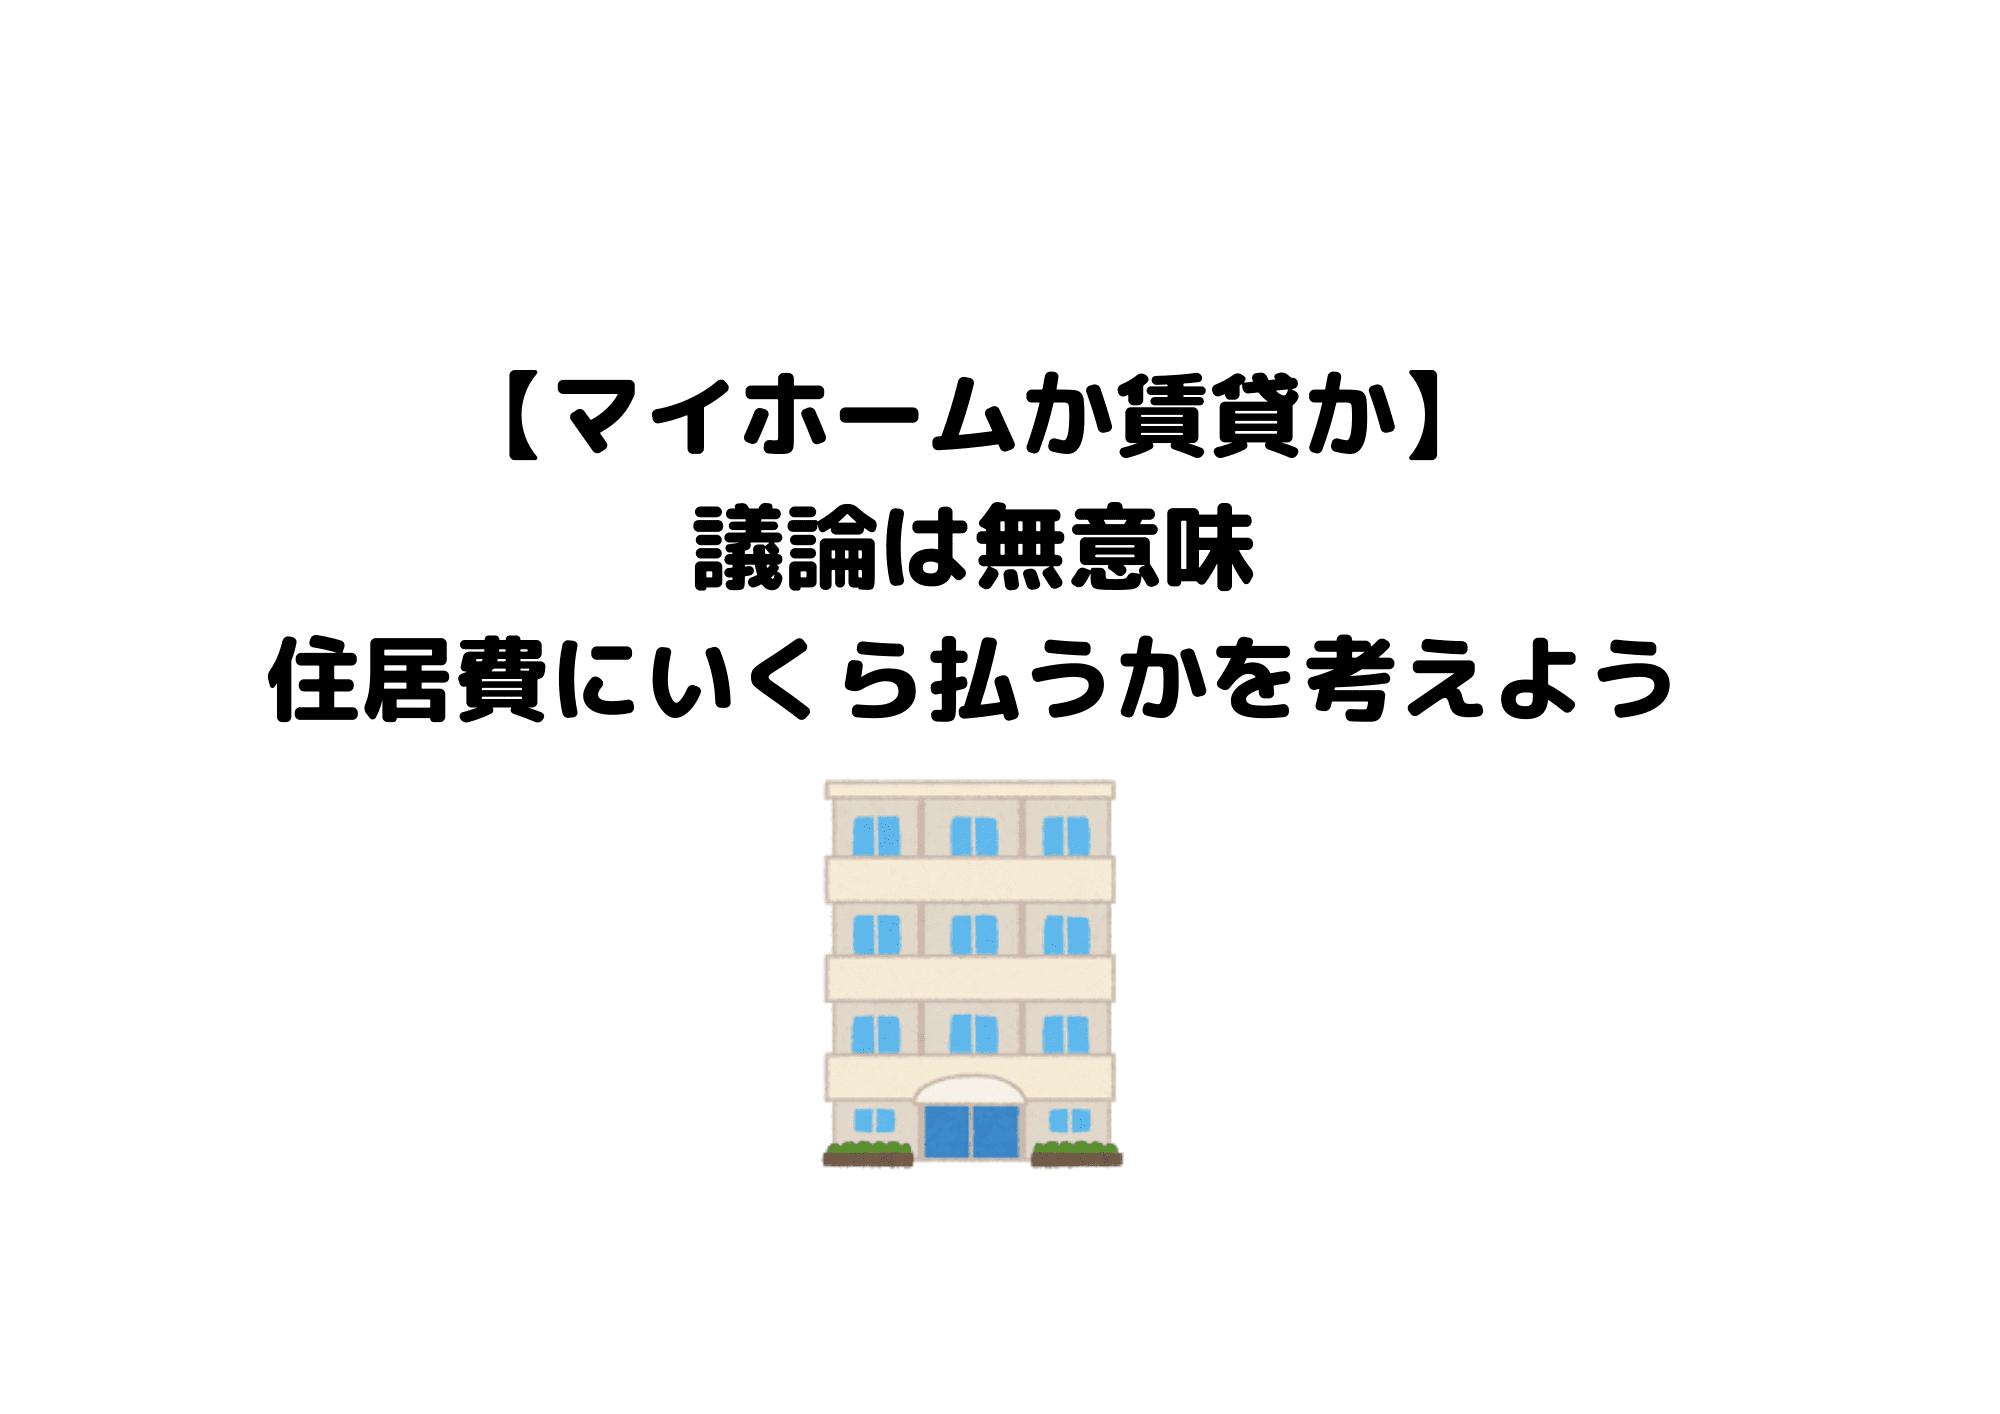 マンション マイホーム (1)